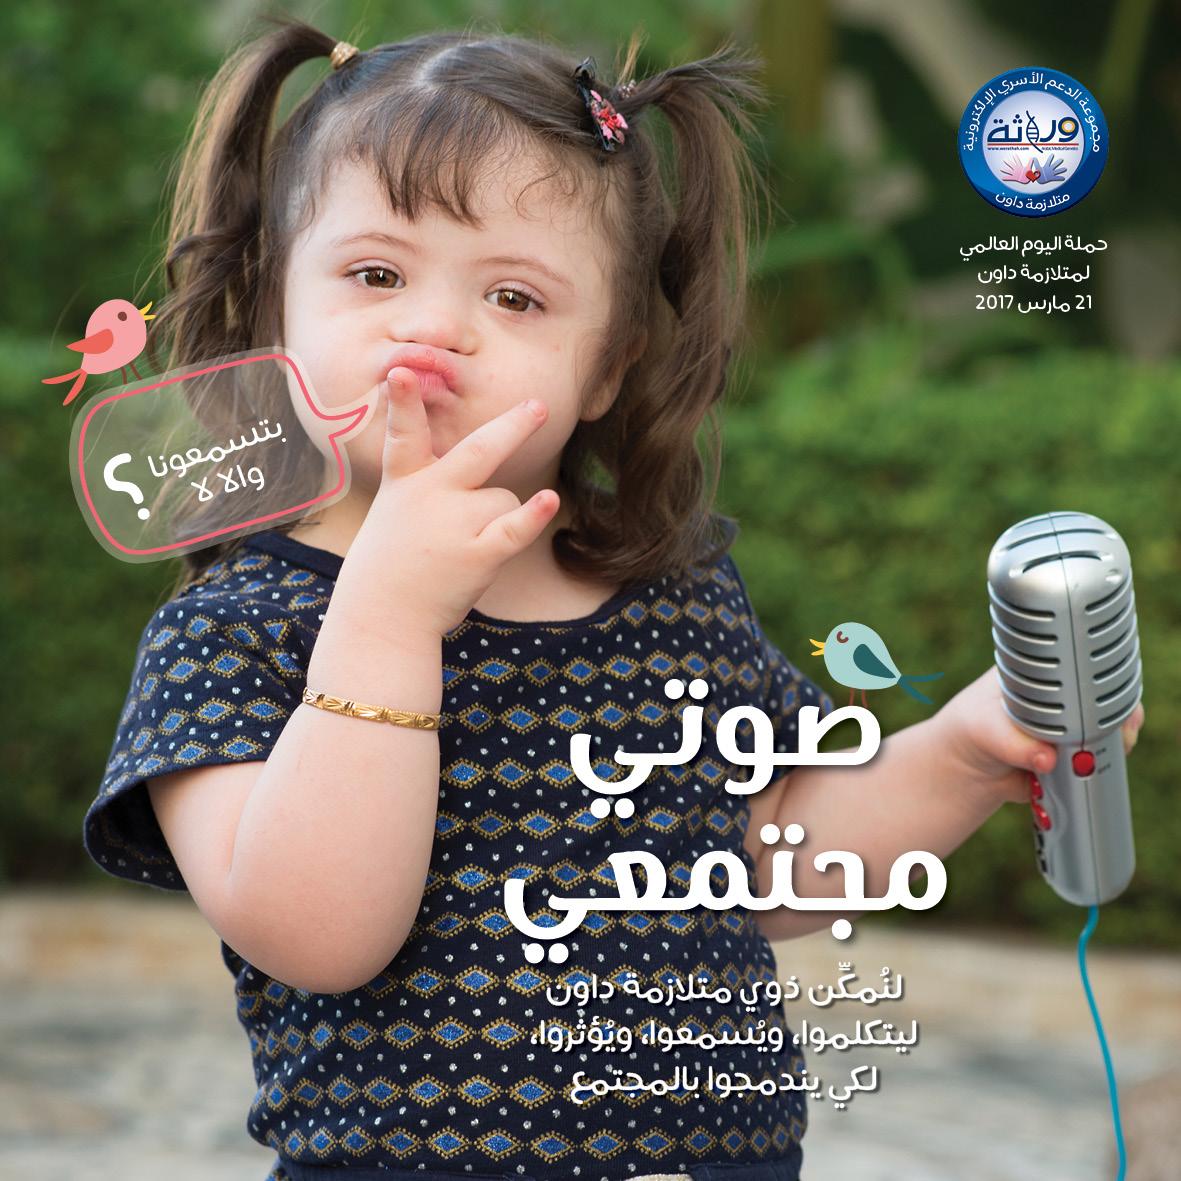 حملة اليوم العالمي لمتلازمة داون 2017